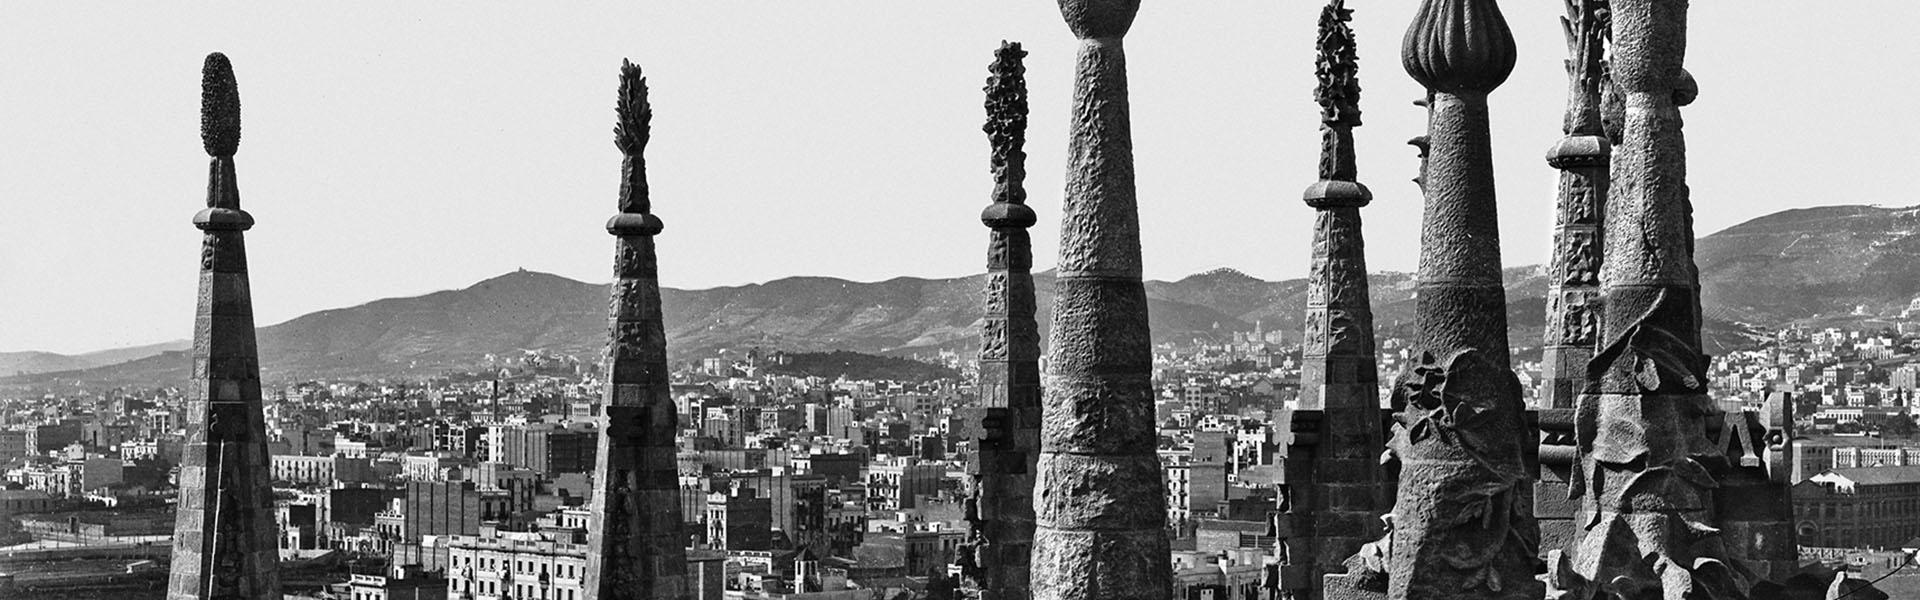 Vista parcial de Barcelona a través dels pinacles de la Sagrada Família. Barcelona, 1906. Col·lecció Thomas / IEFC Ref. ACM-3-721